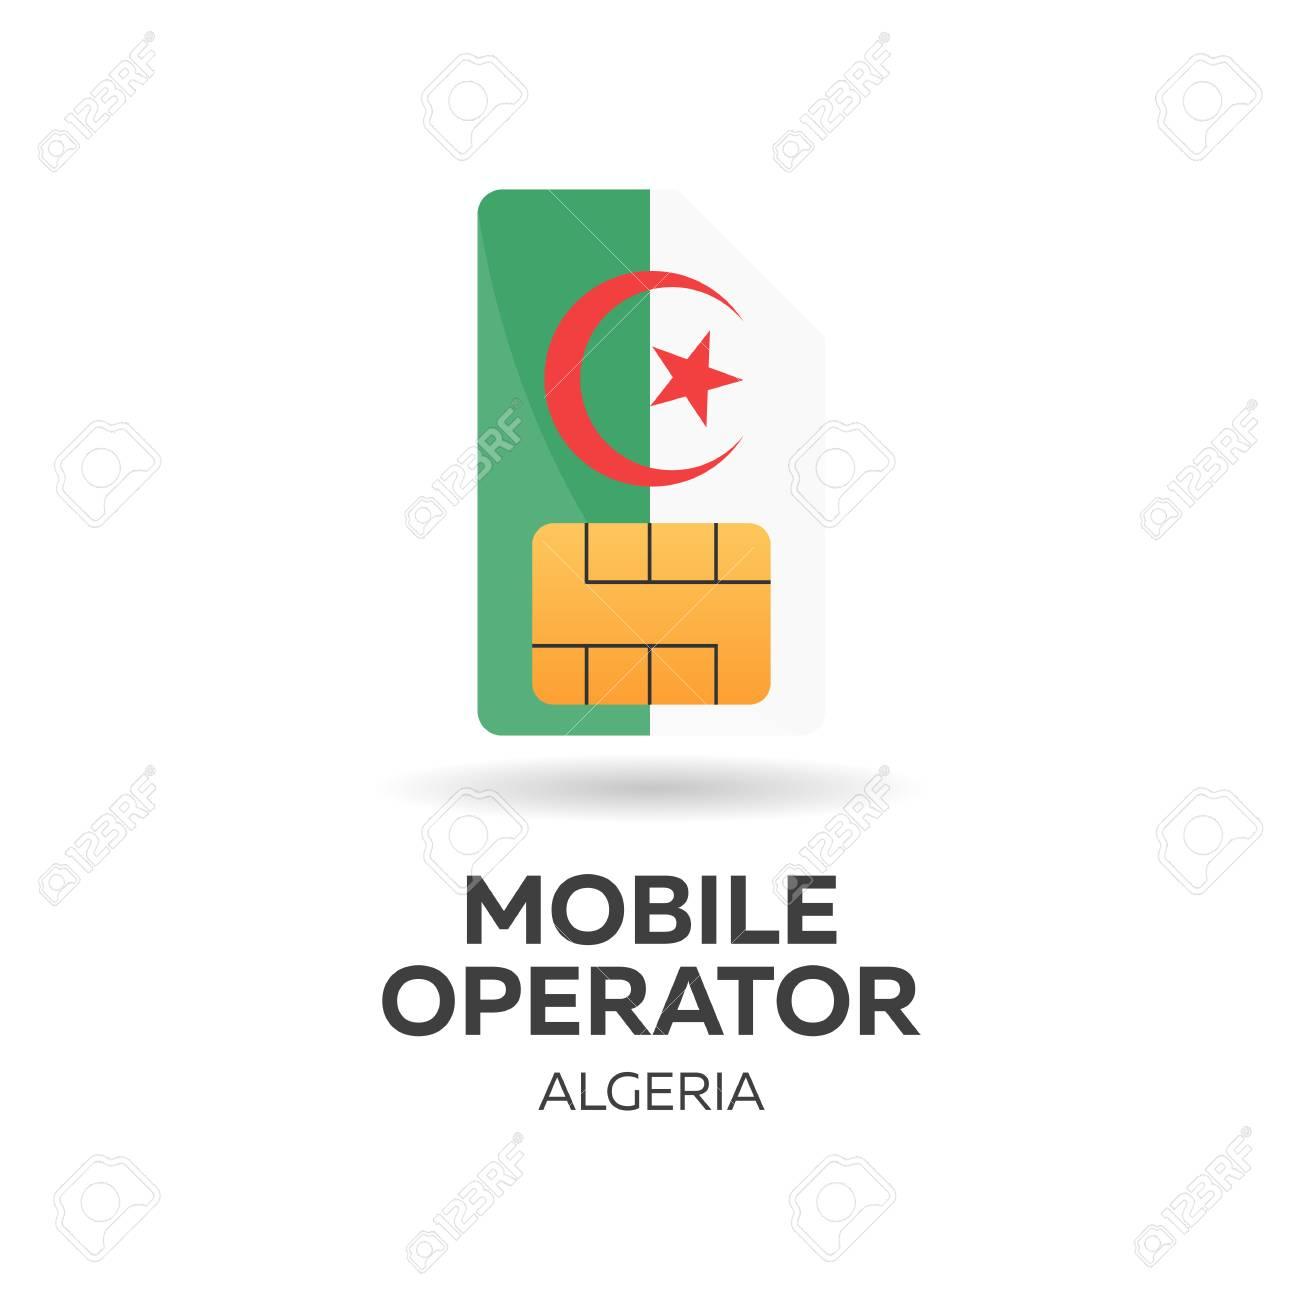 Carte Sim Algerie.Operateur Mobile Algerie Carte Sim Avec Indicateur Illustration Vectorielle